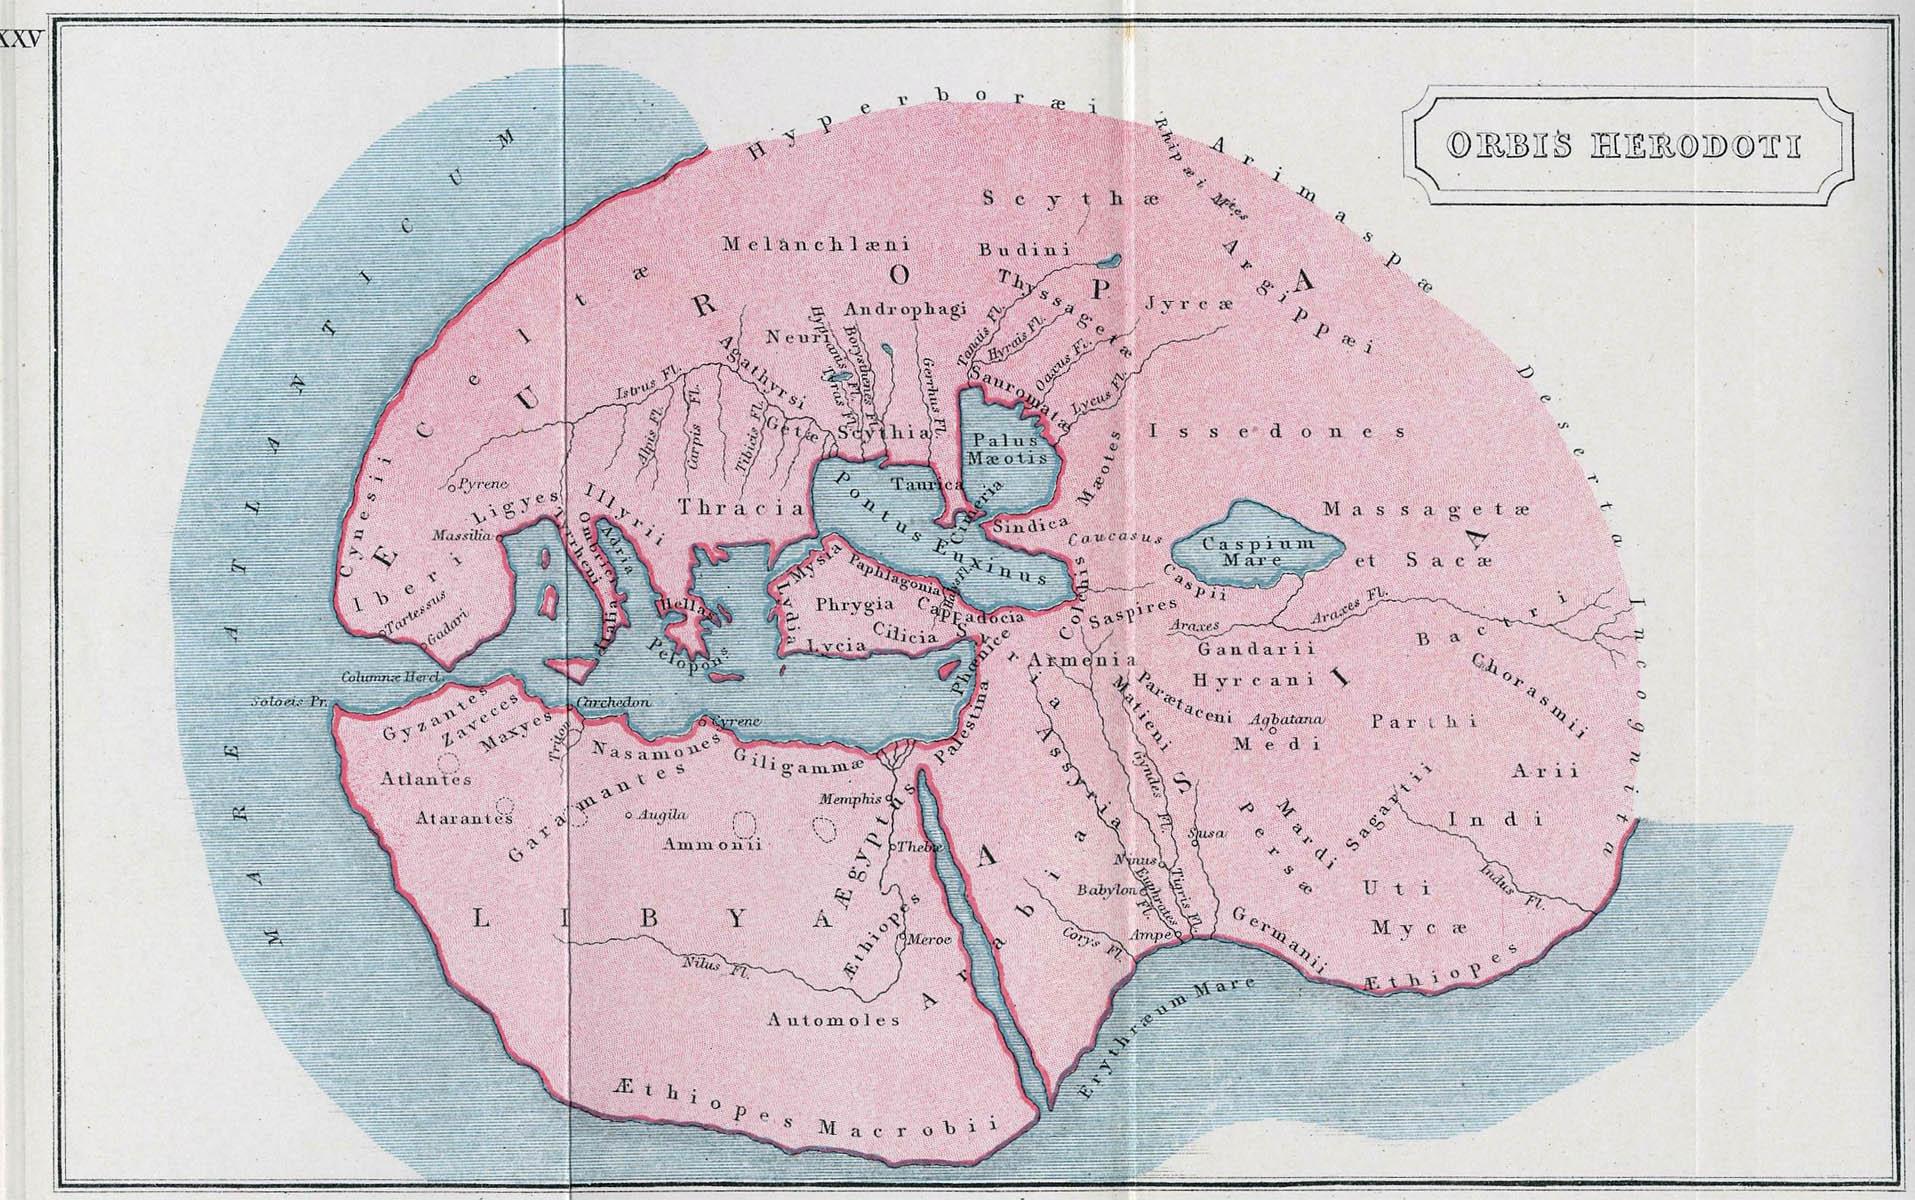 Orbis Herodoti.jpg